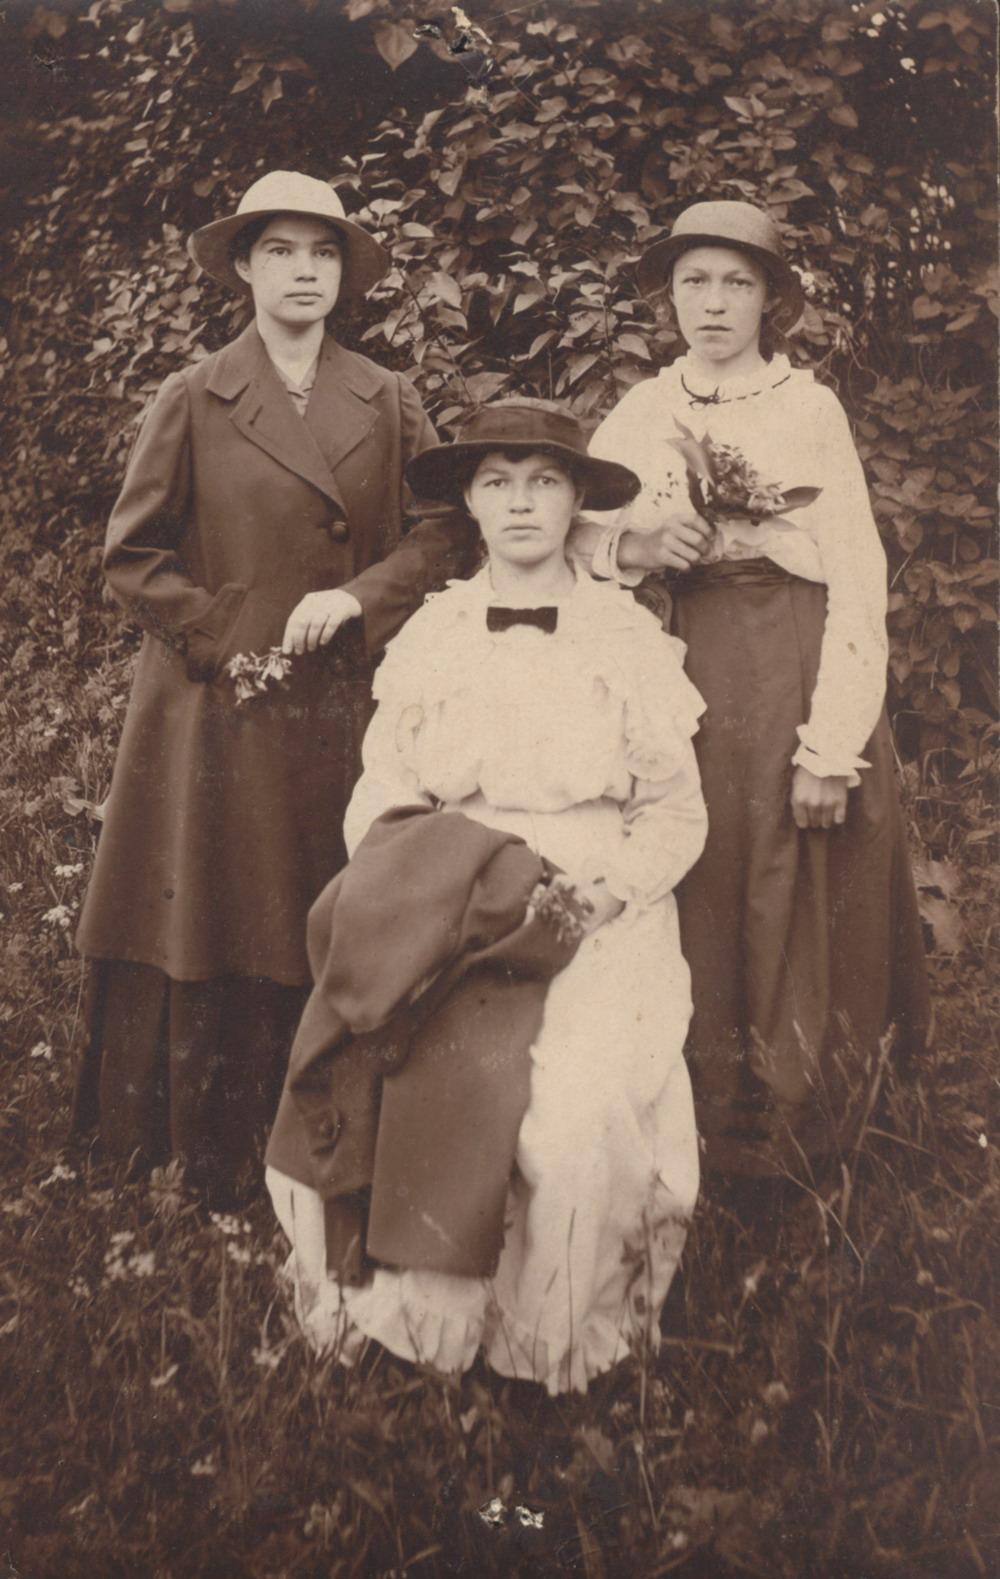 Сад Спасо-Преображенского монастыря. Фотопортрет А.Н. Емельяновой с подругами. 6 июня 1917